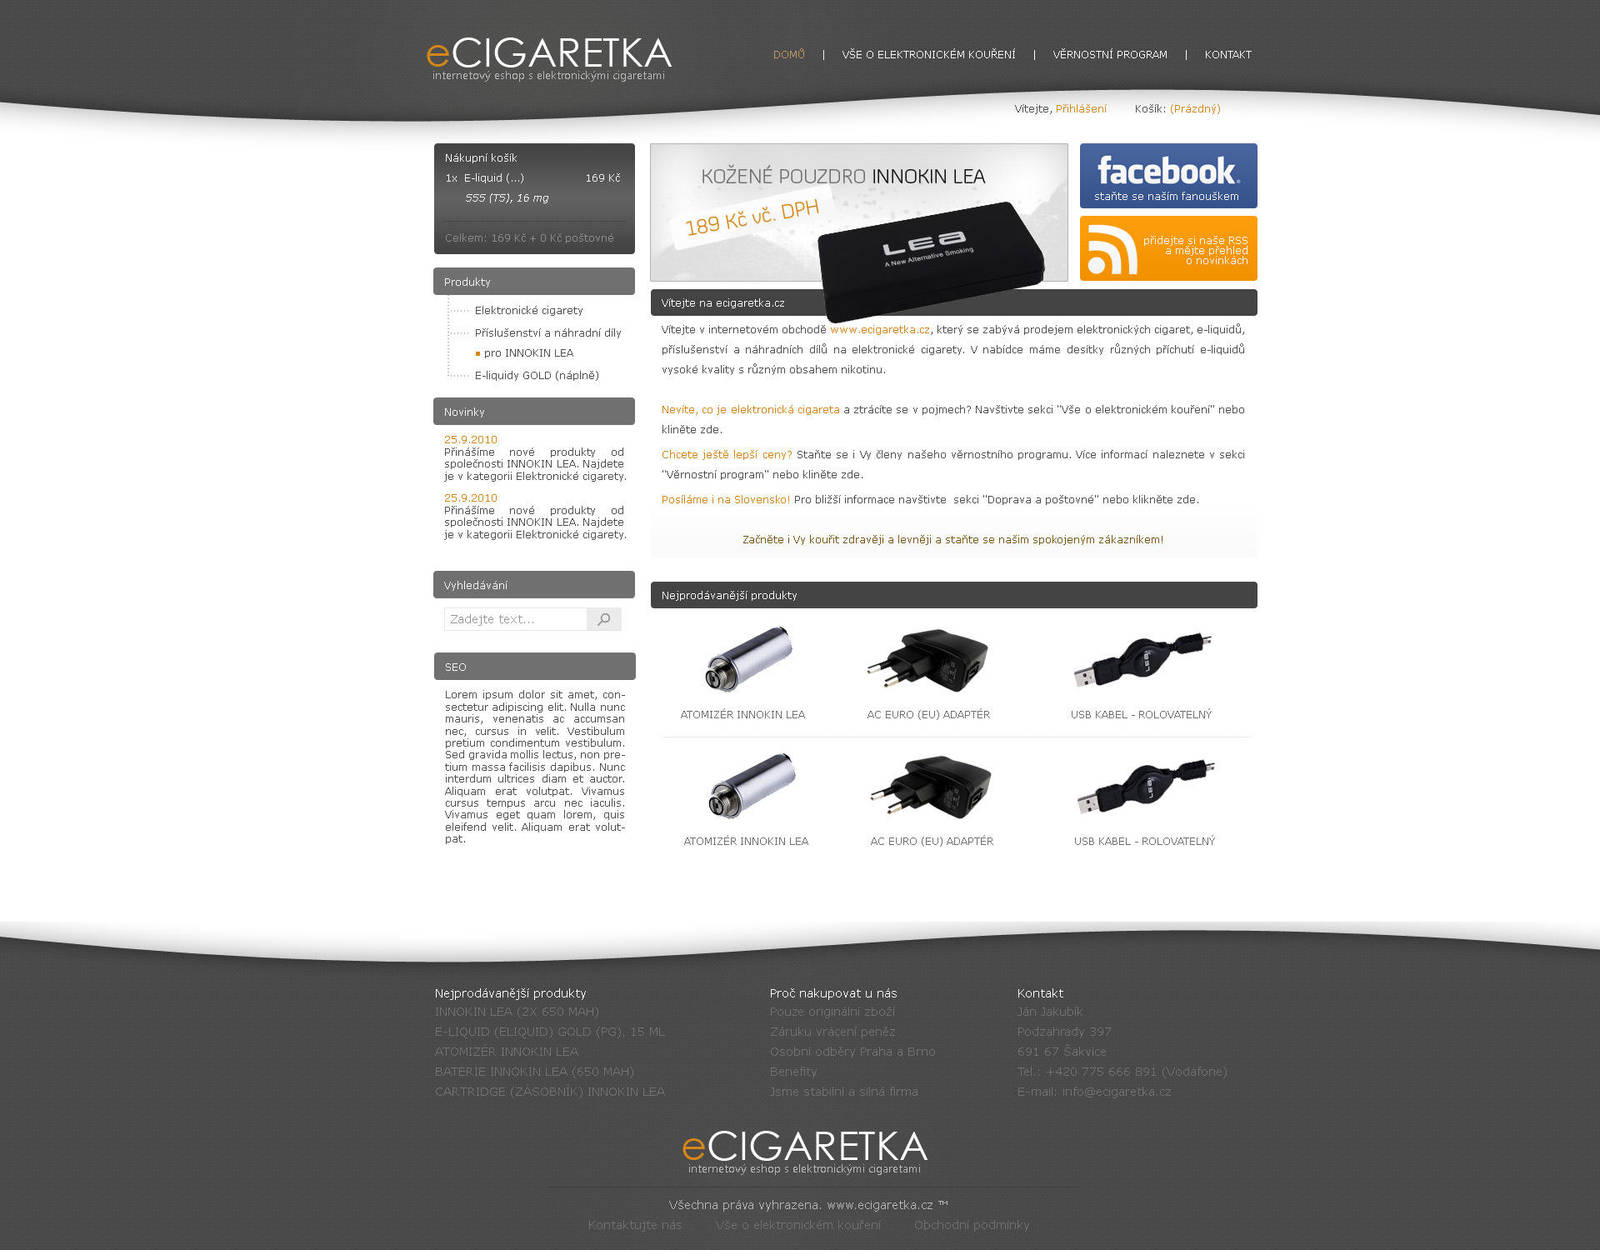 ecigaretka.cz - v1 by Ingnition